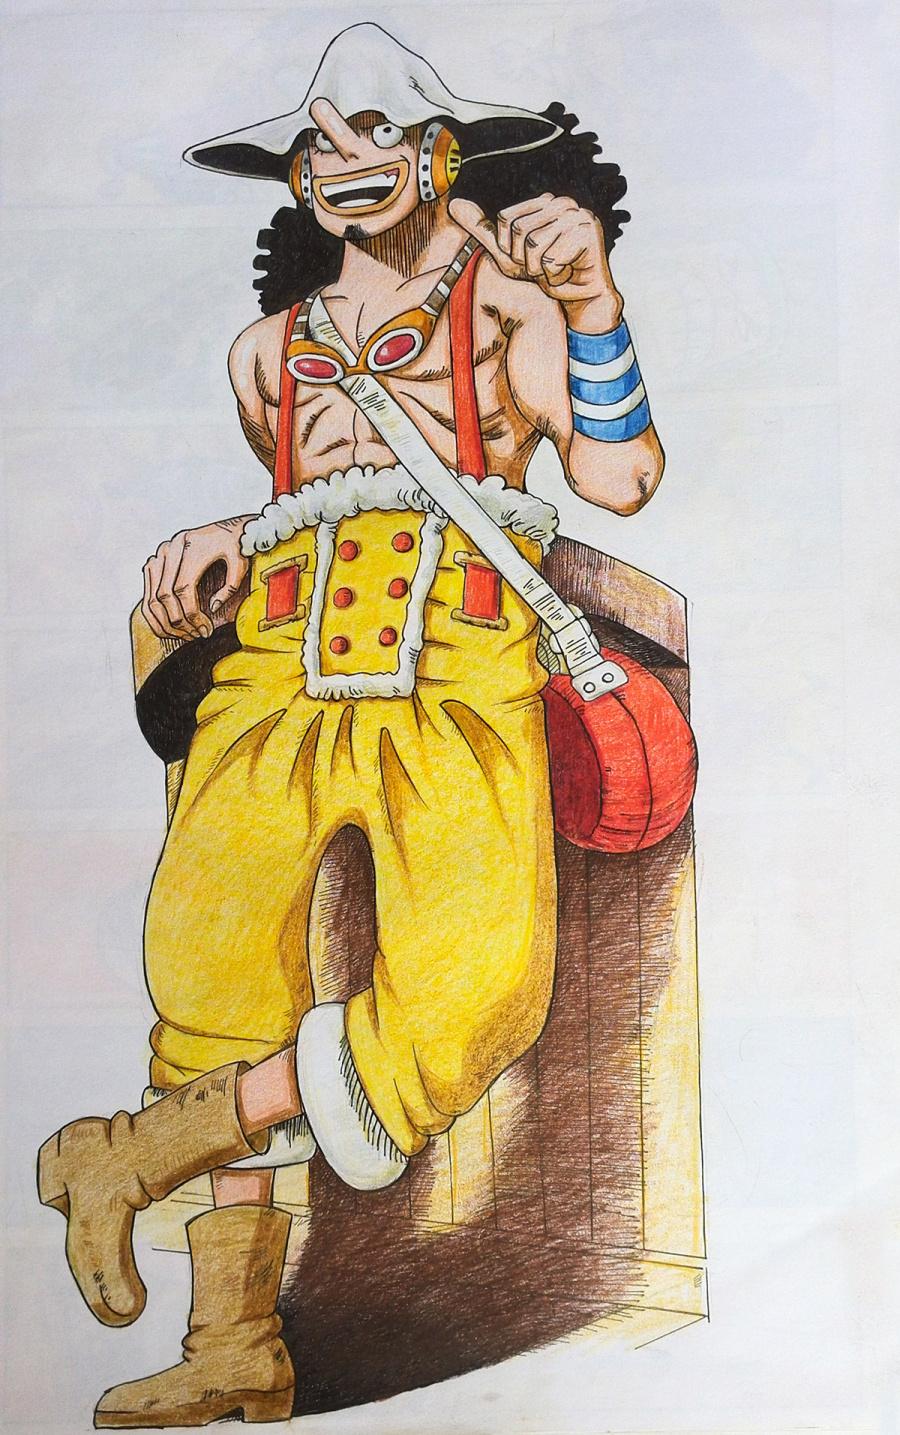 海贼王手绘②|单幅人物|动漫|隔壁老林Yb-原创漫画民国漫画图片